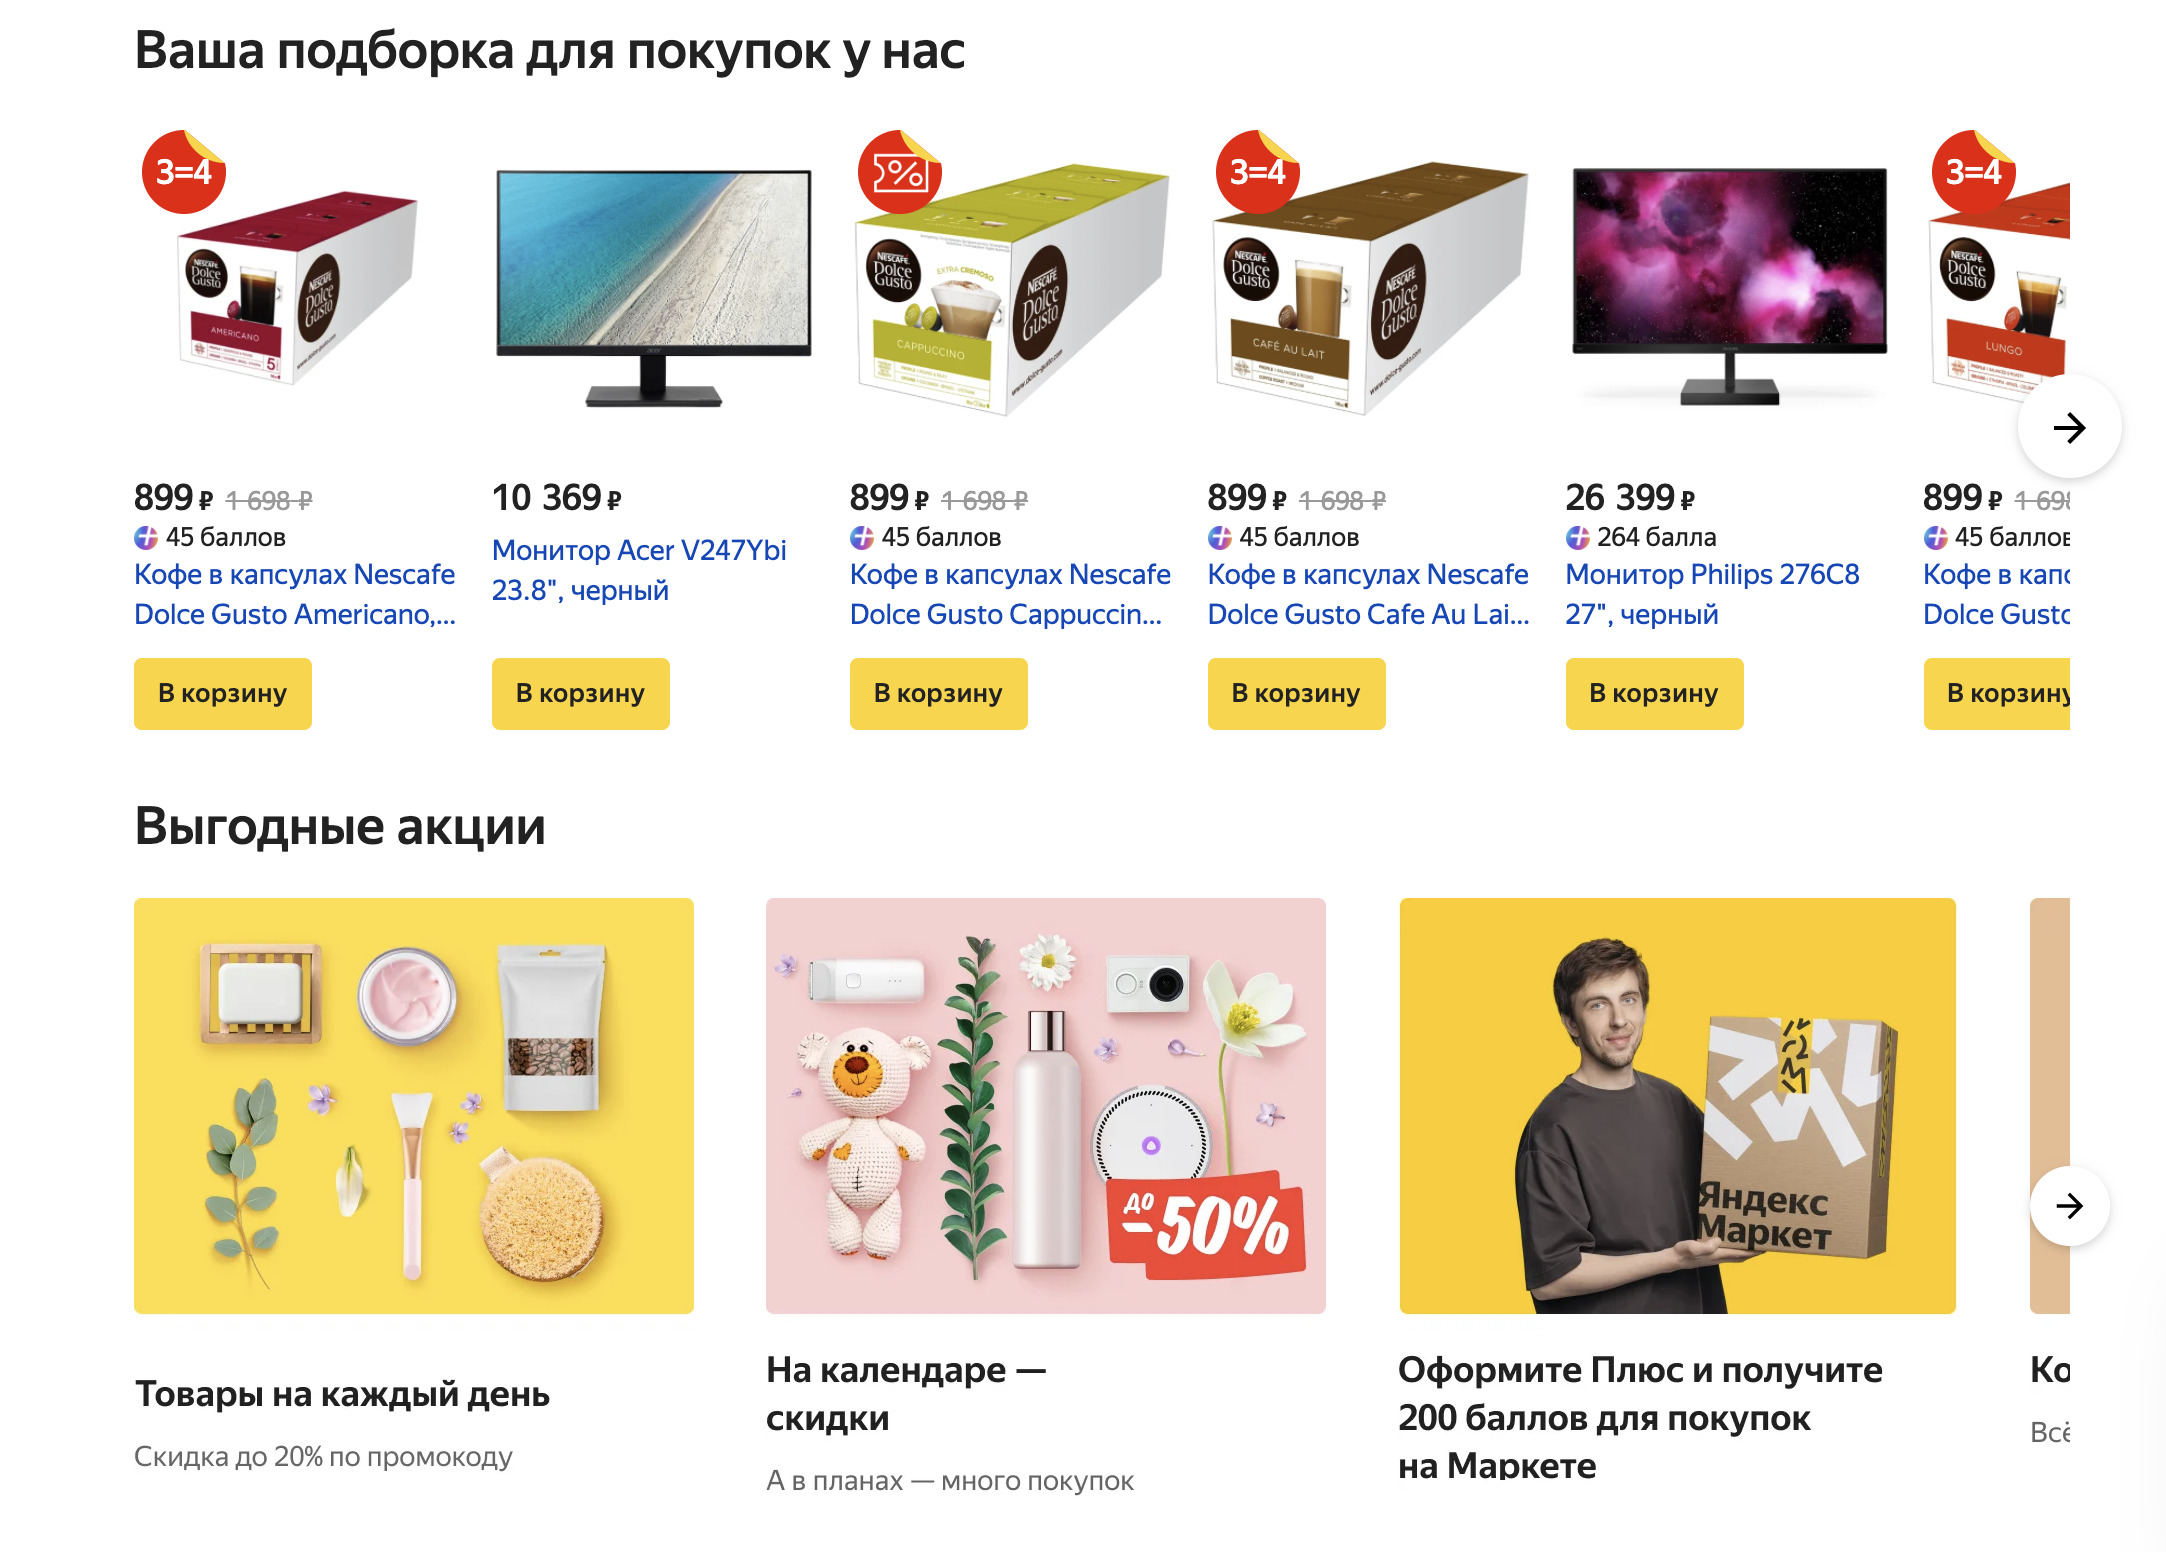 Доставка из Яндекс.Маркет в Иркутск, сроки, пункты выдачи, каталог